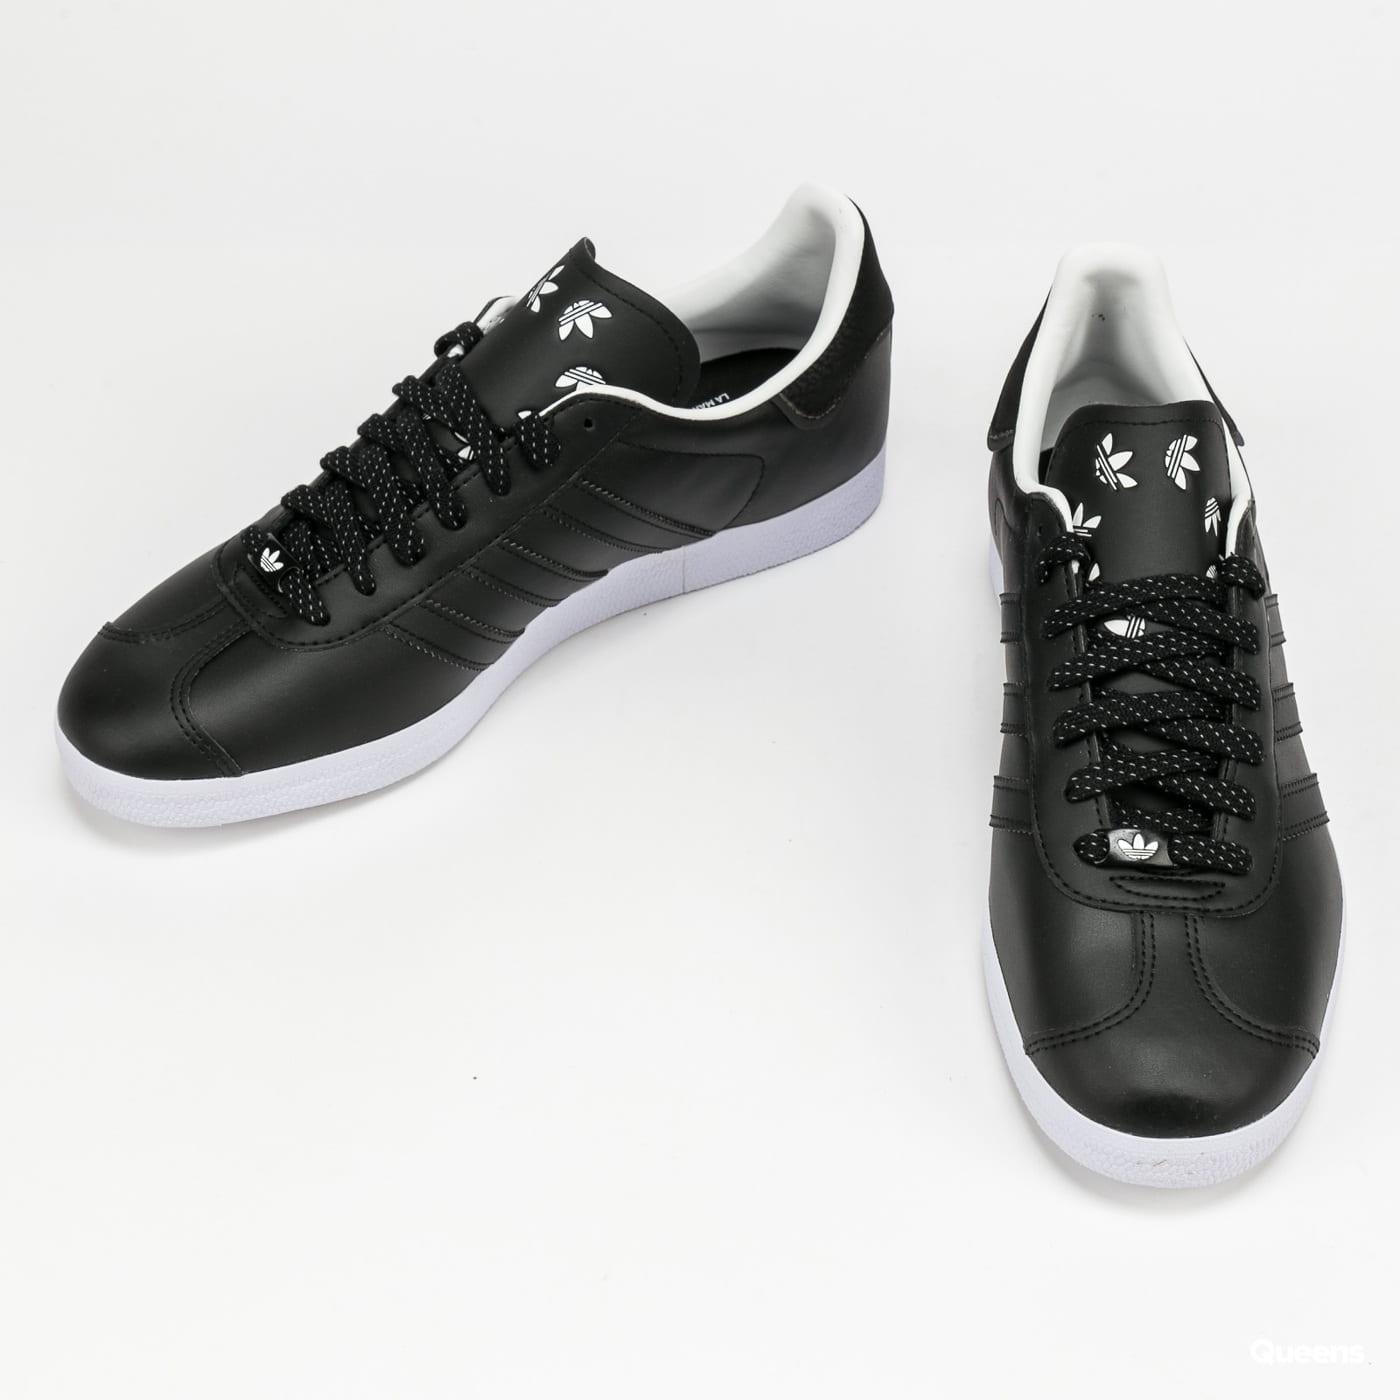 adidas Originals Gazelle cblack / ftwwht / blubir